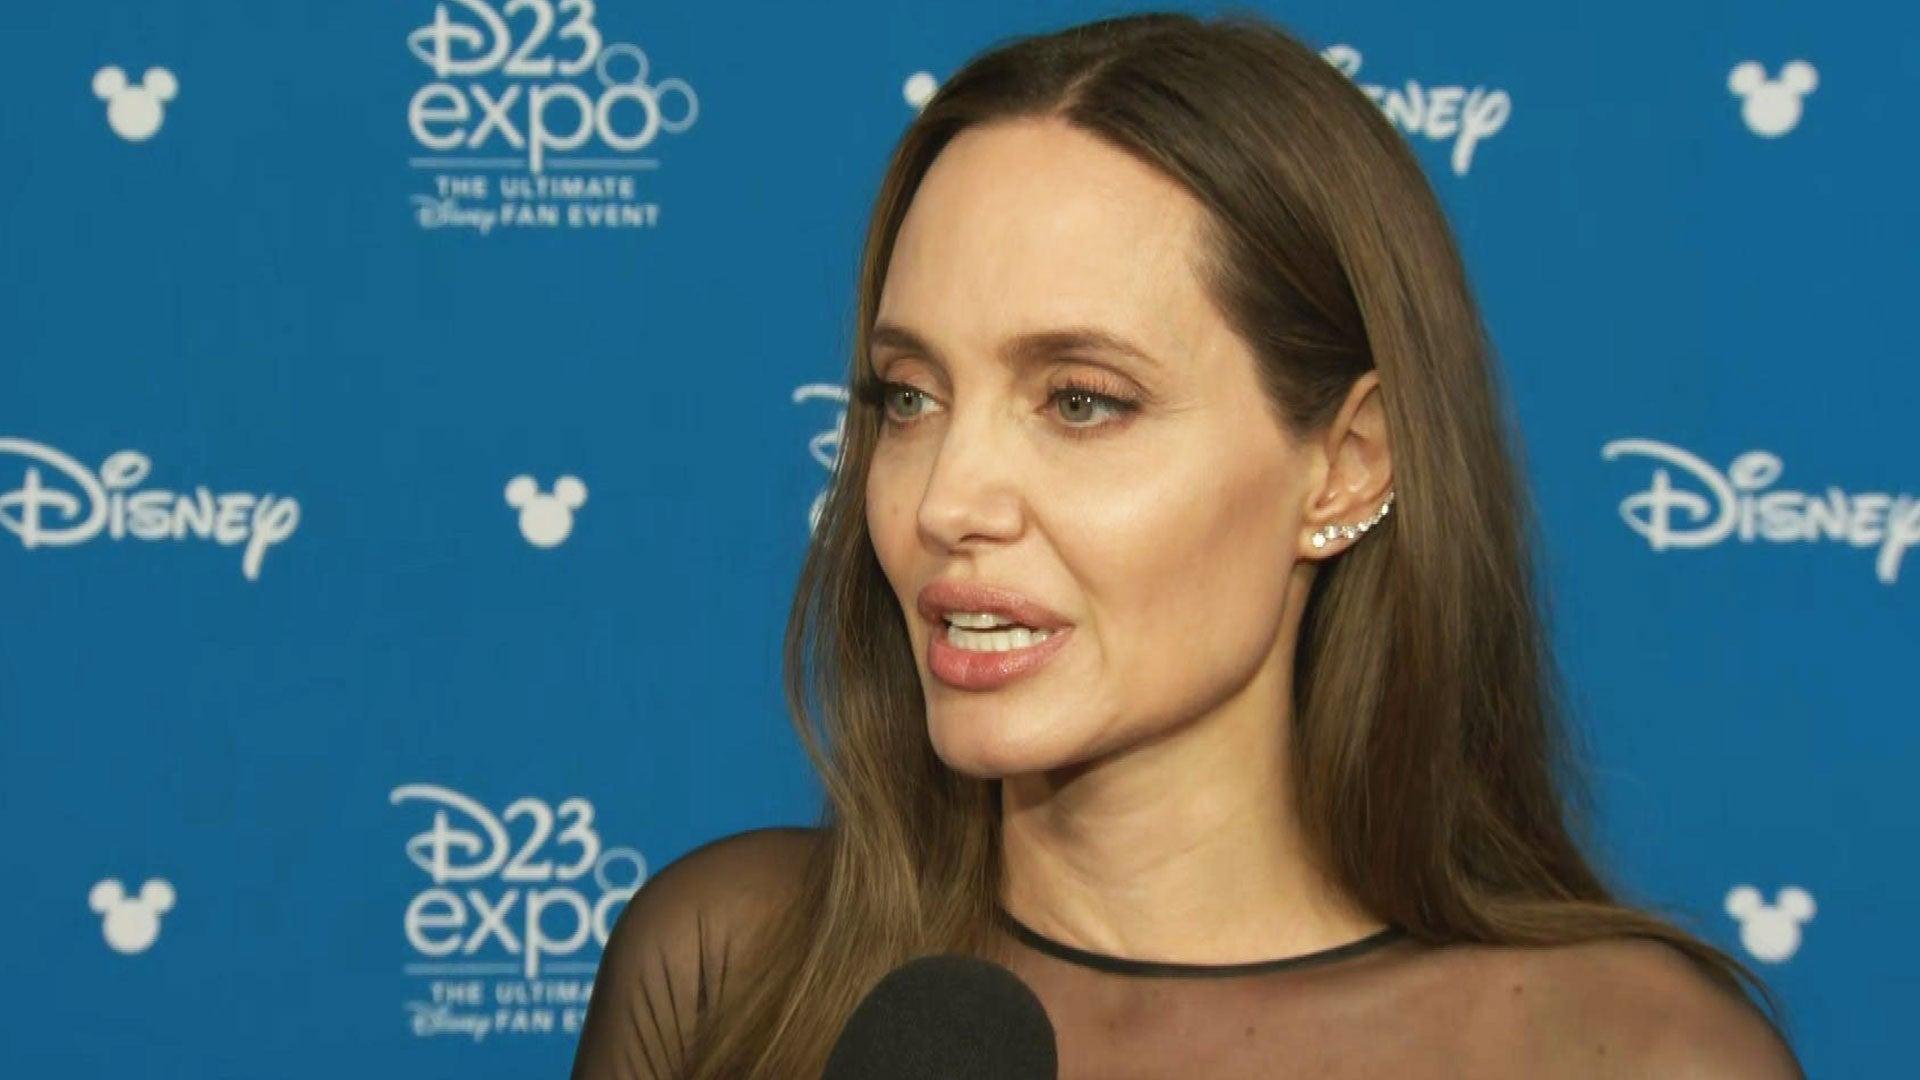 Angelina Jolie Porn Look A Like angelina jolie says she 'ugly cried' when she dropped maddox